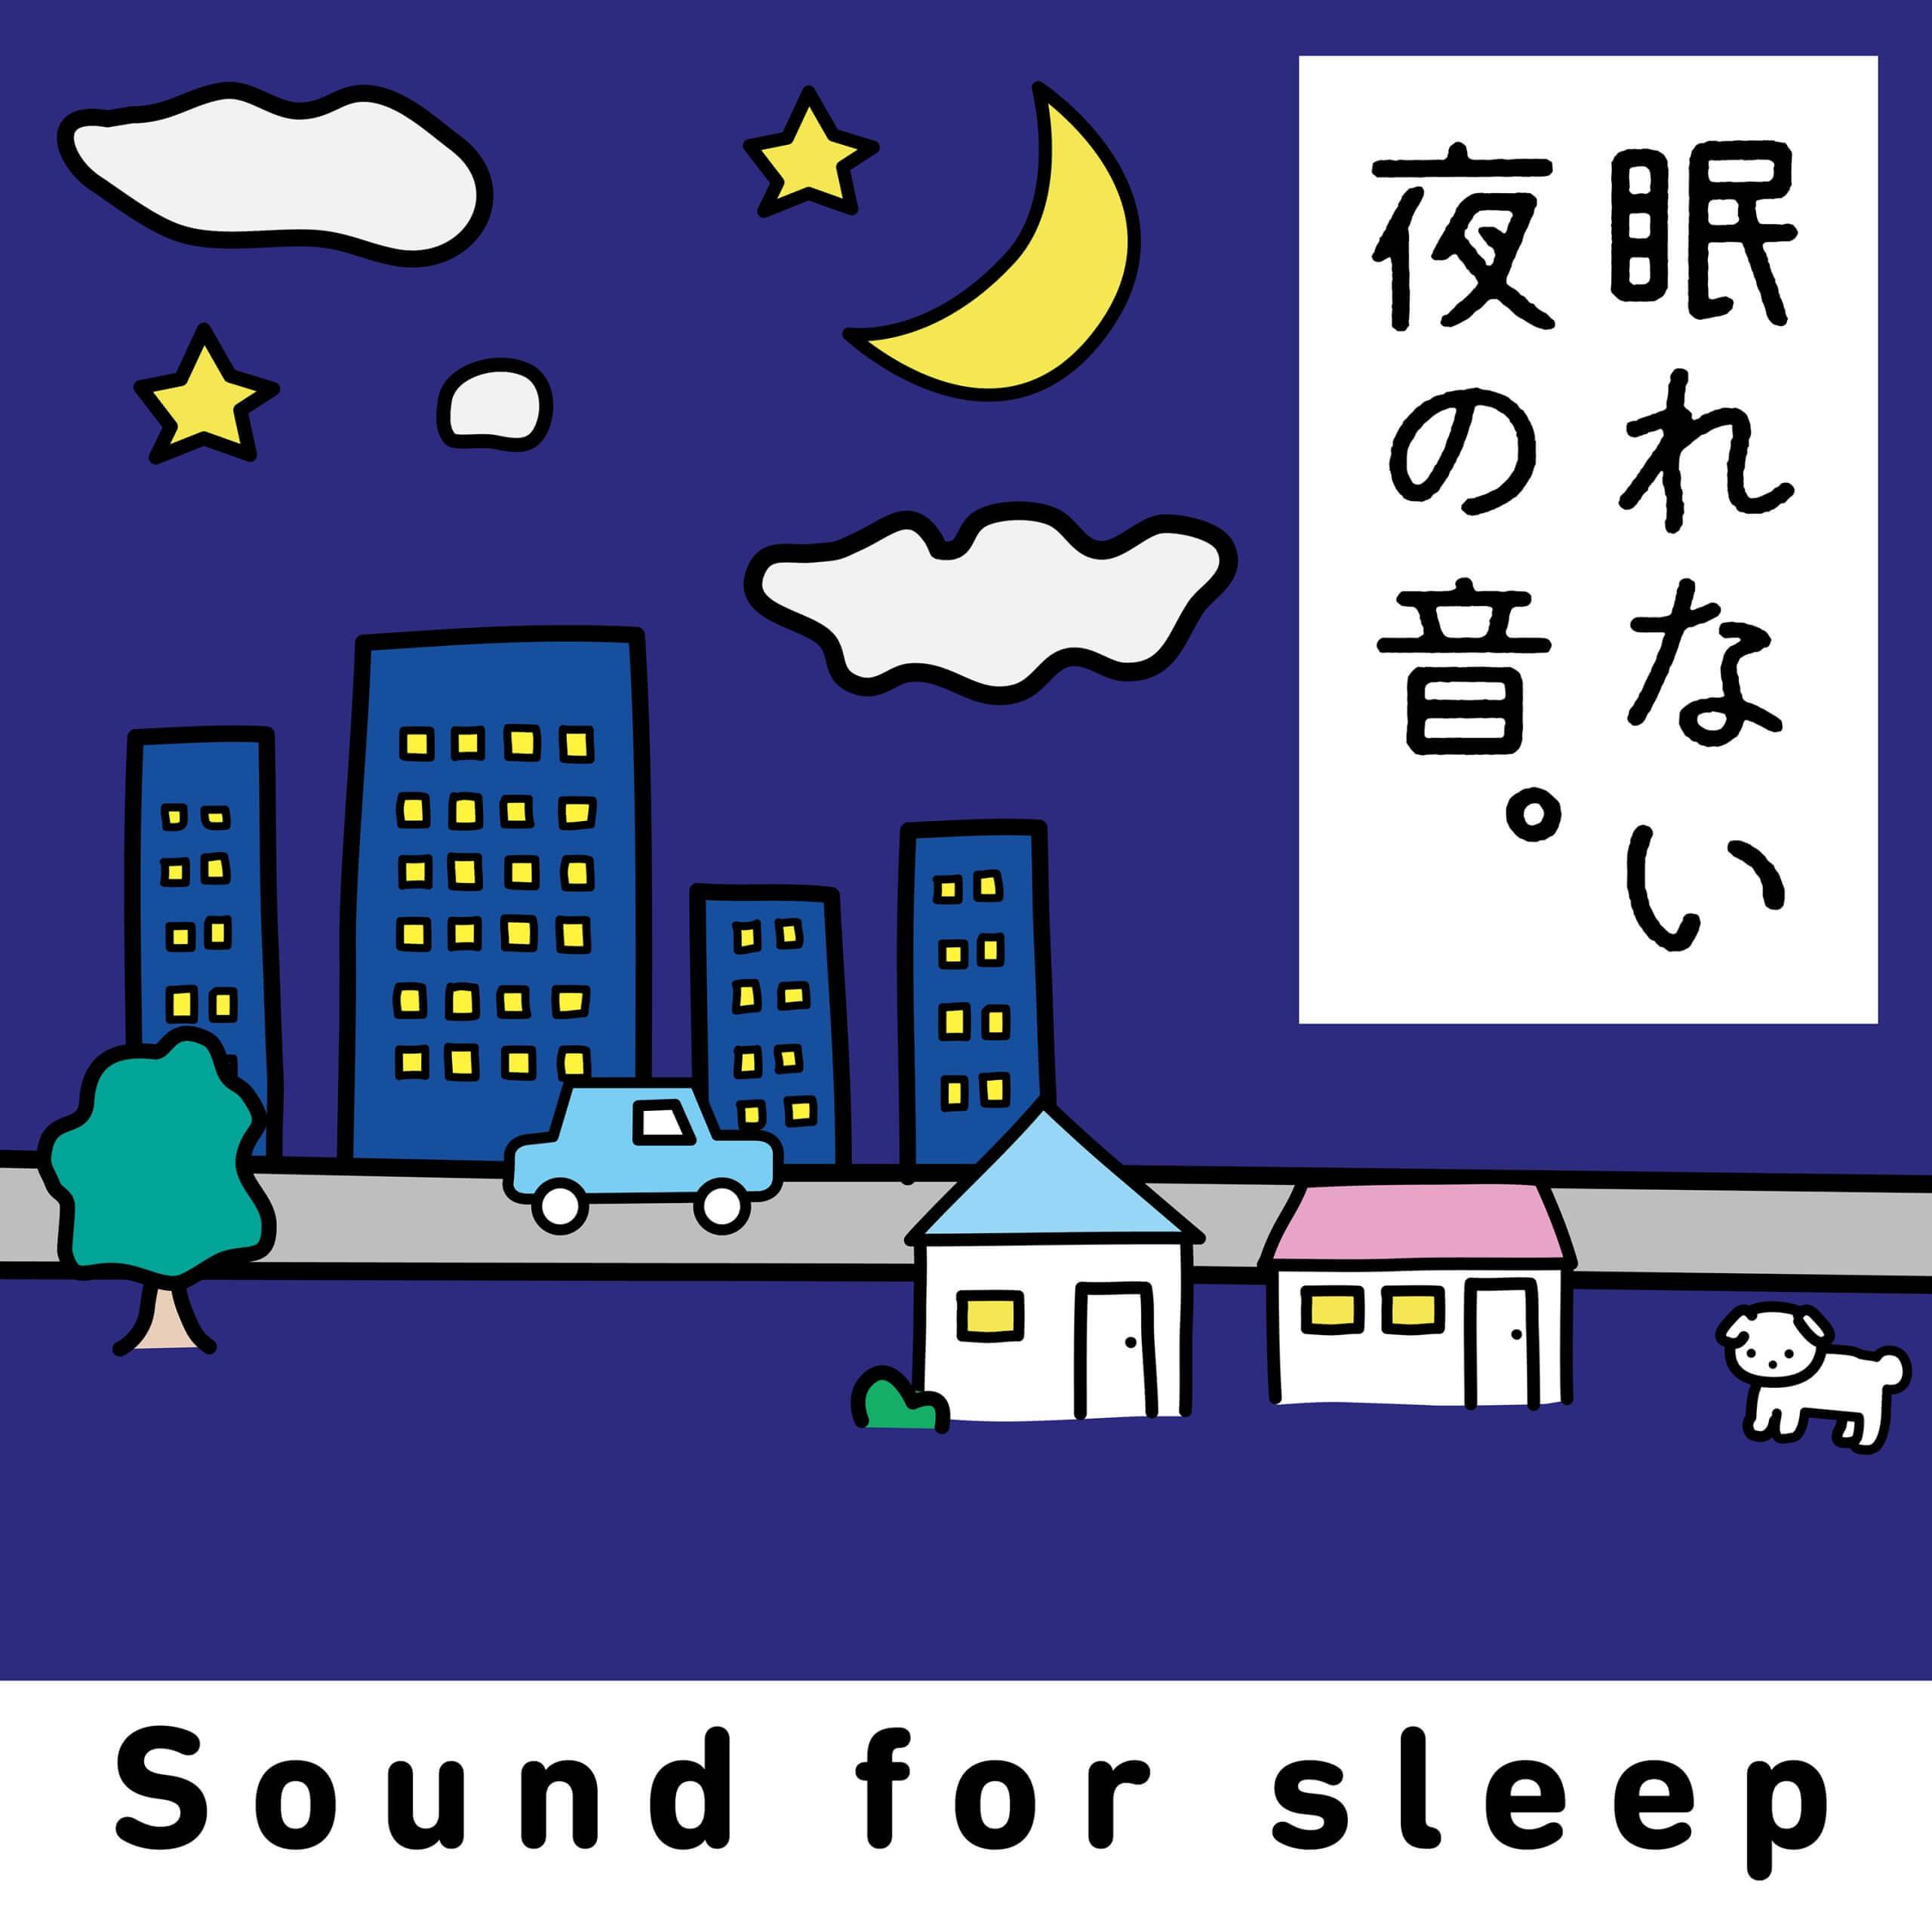 眠れない夜の音 - for sleep